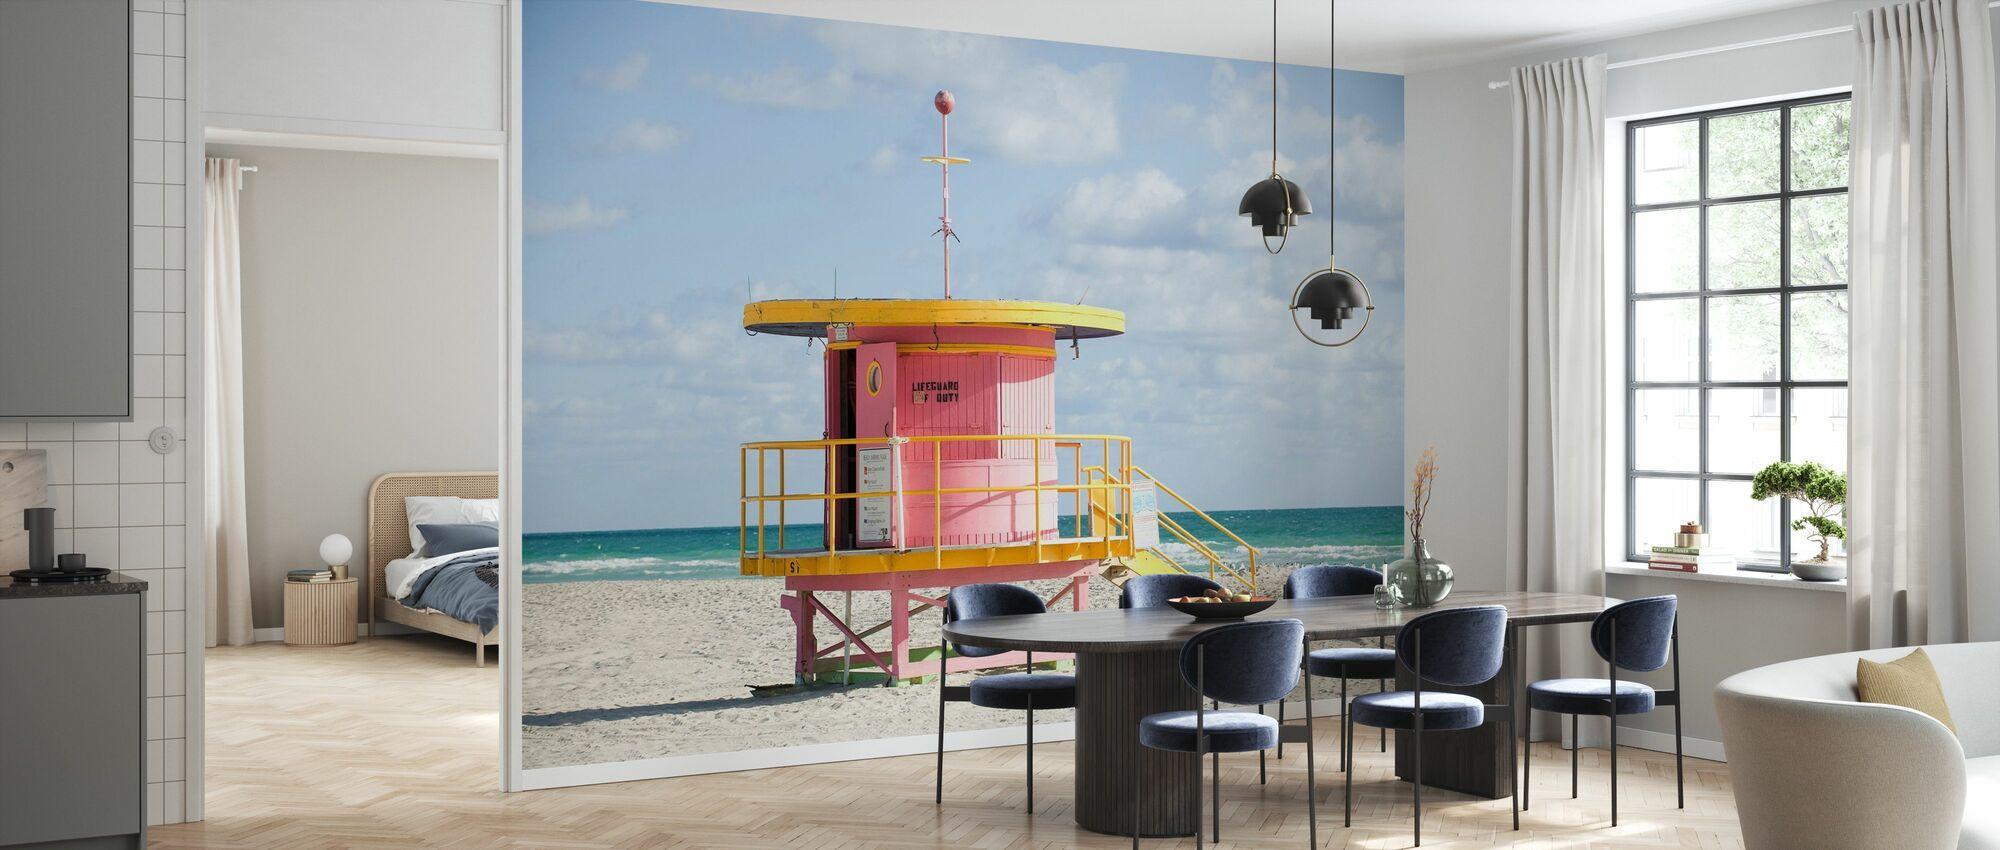 Rettungsschwimmer Tower in Miami, USA - Tapete - Küchen